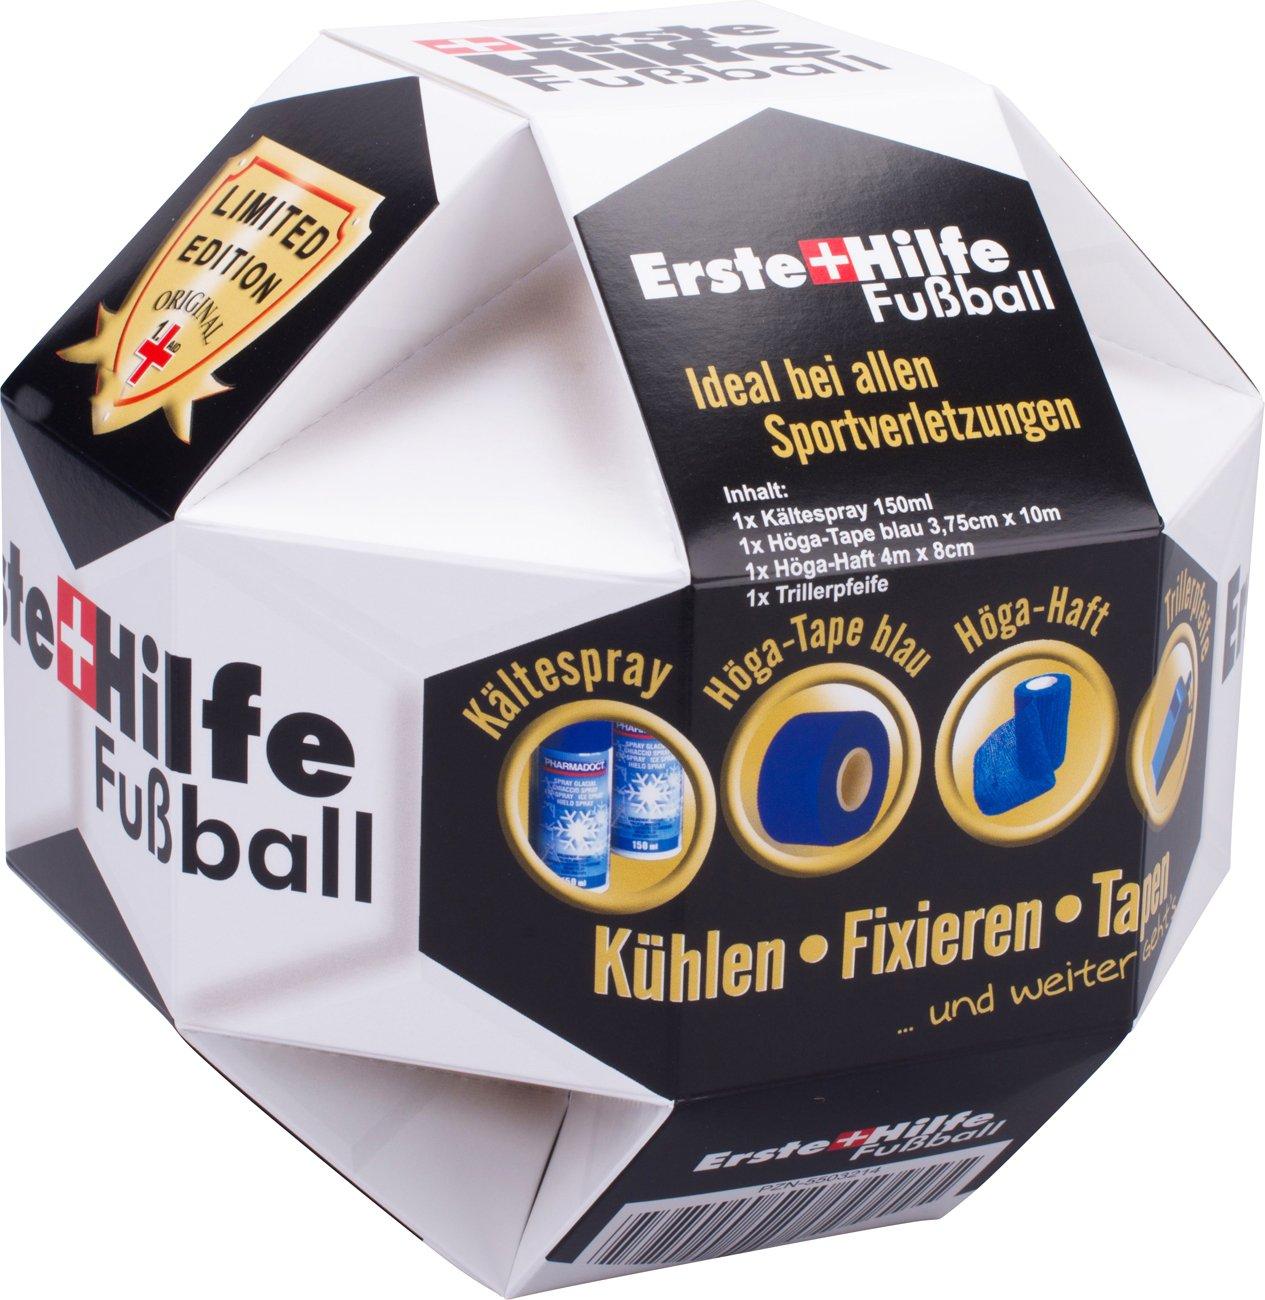 Erste Hilfe Fußball,Kühlen - Fixieren - Tapen ...und weiter geht\'s ...